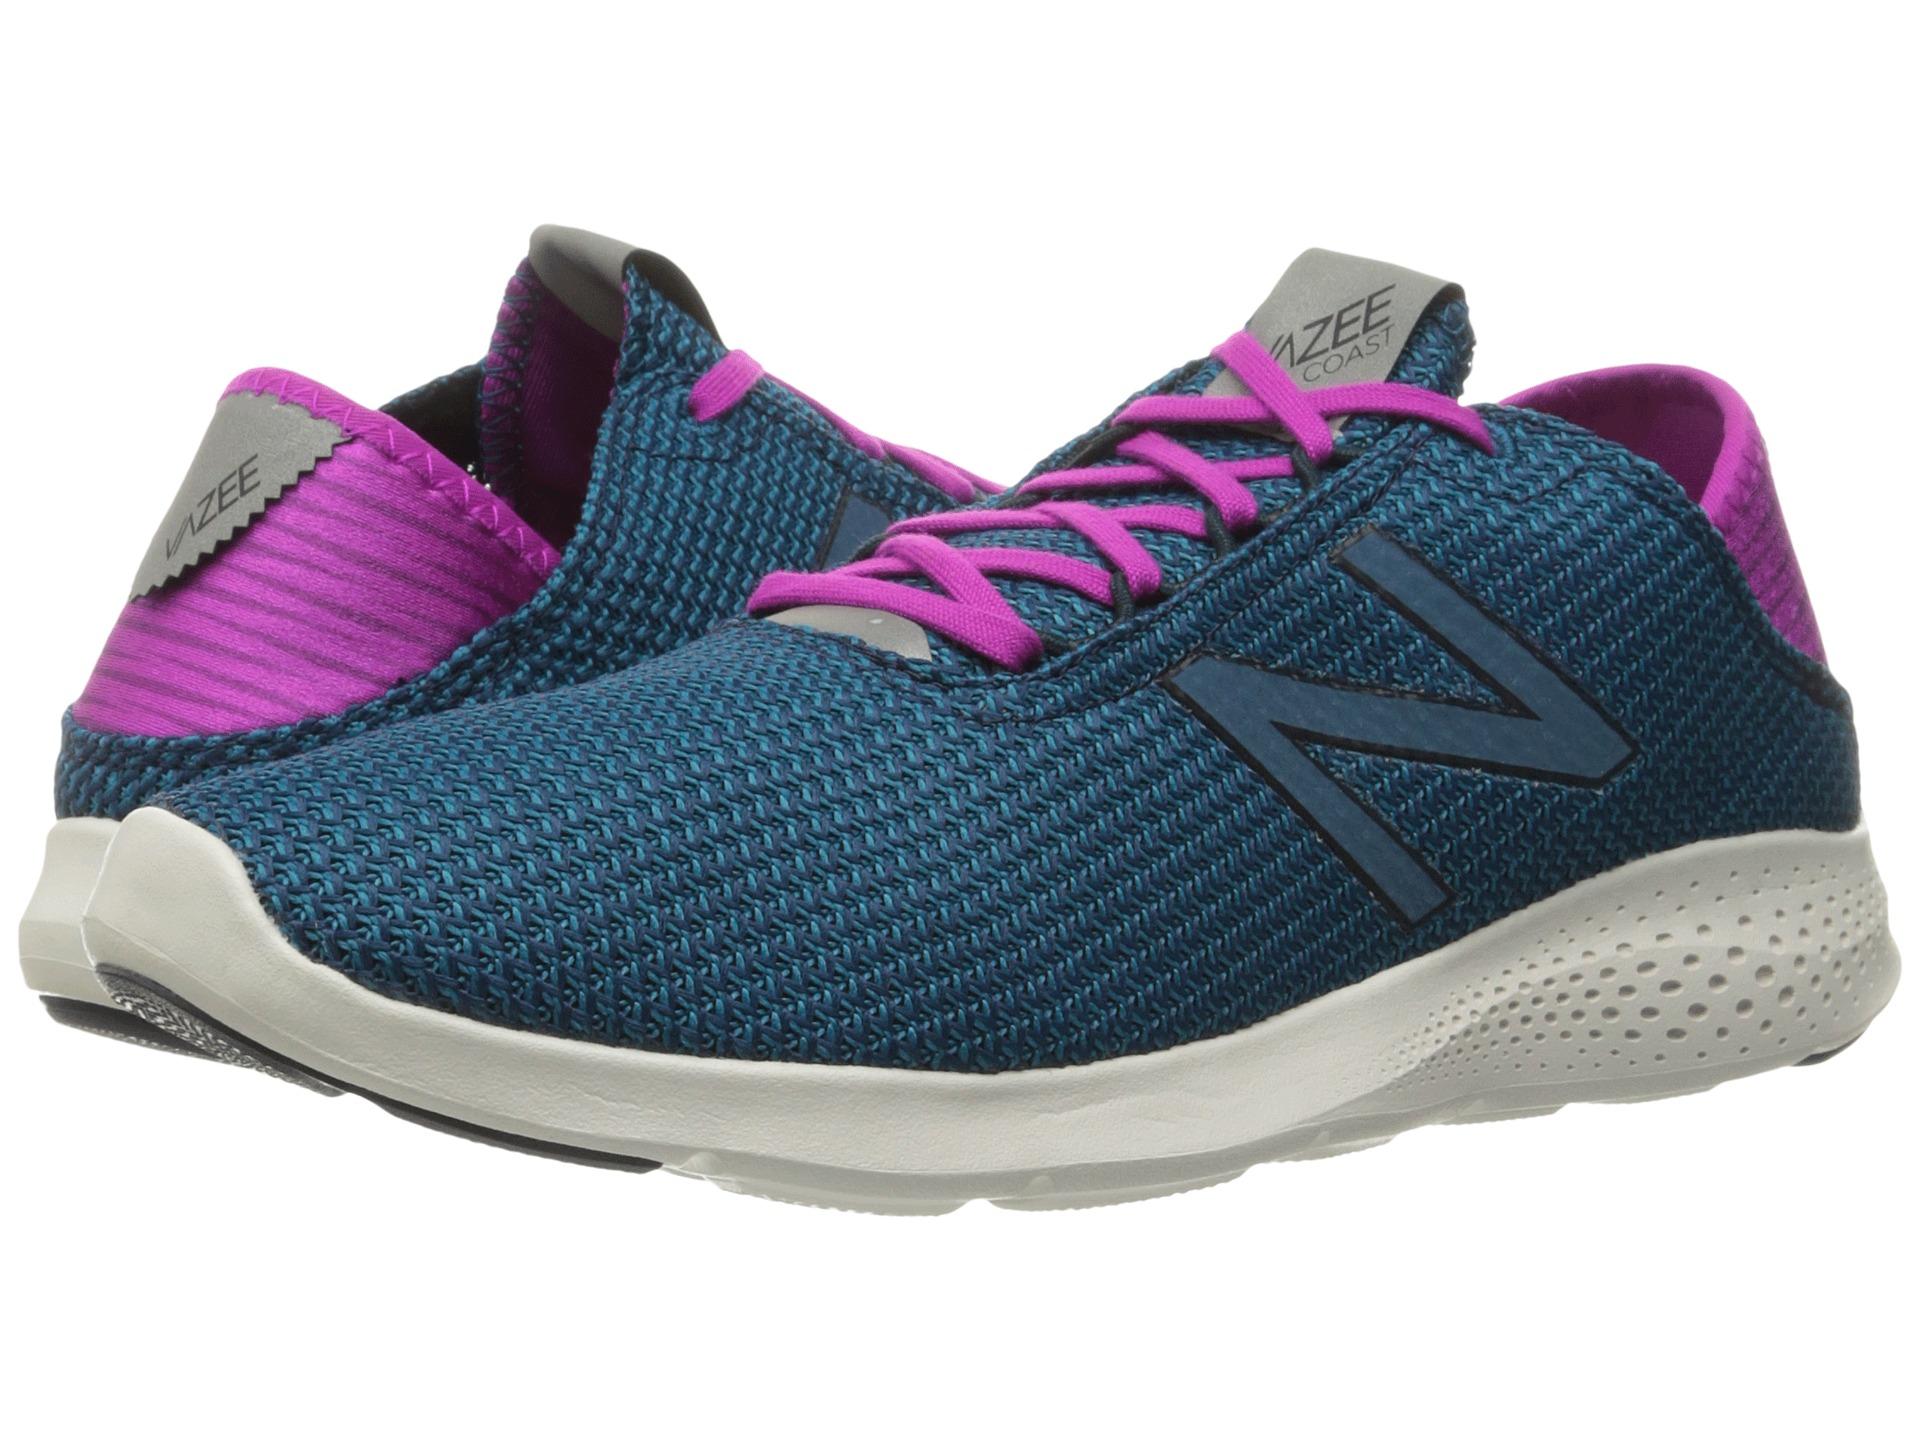 New Balance Vazee Coast V Ladies Running Shoes